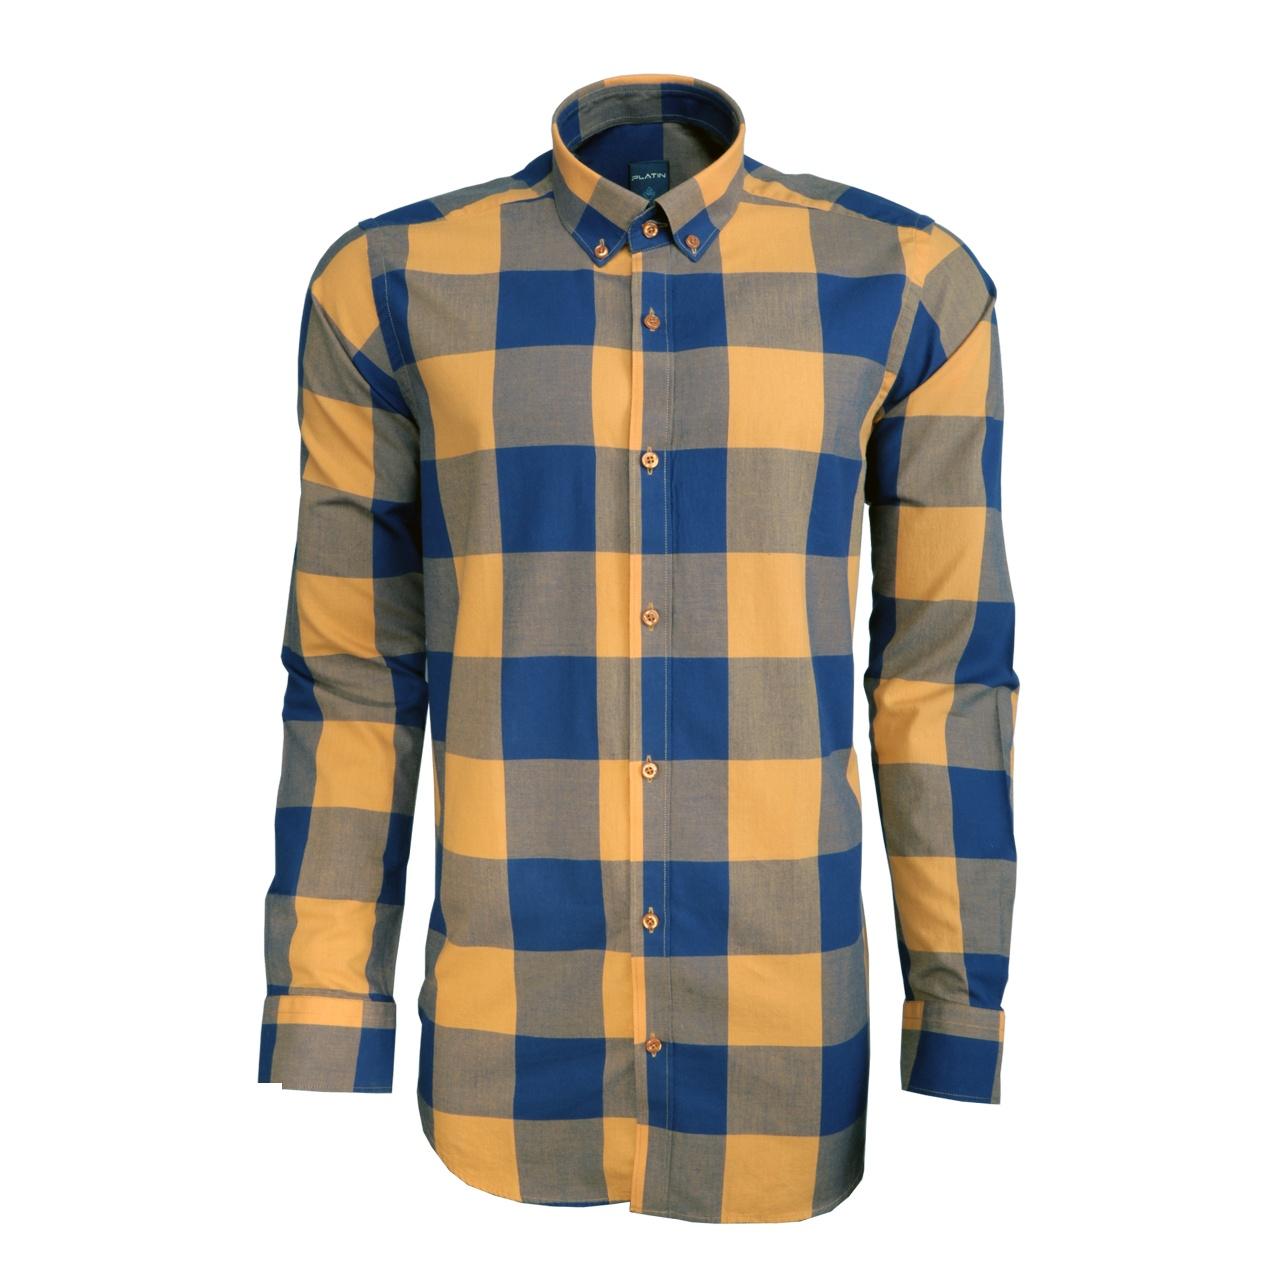 پیراهن مردانه پلاتین طرح چهارخانه کد 1030